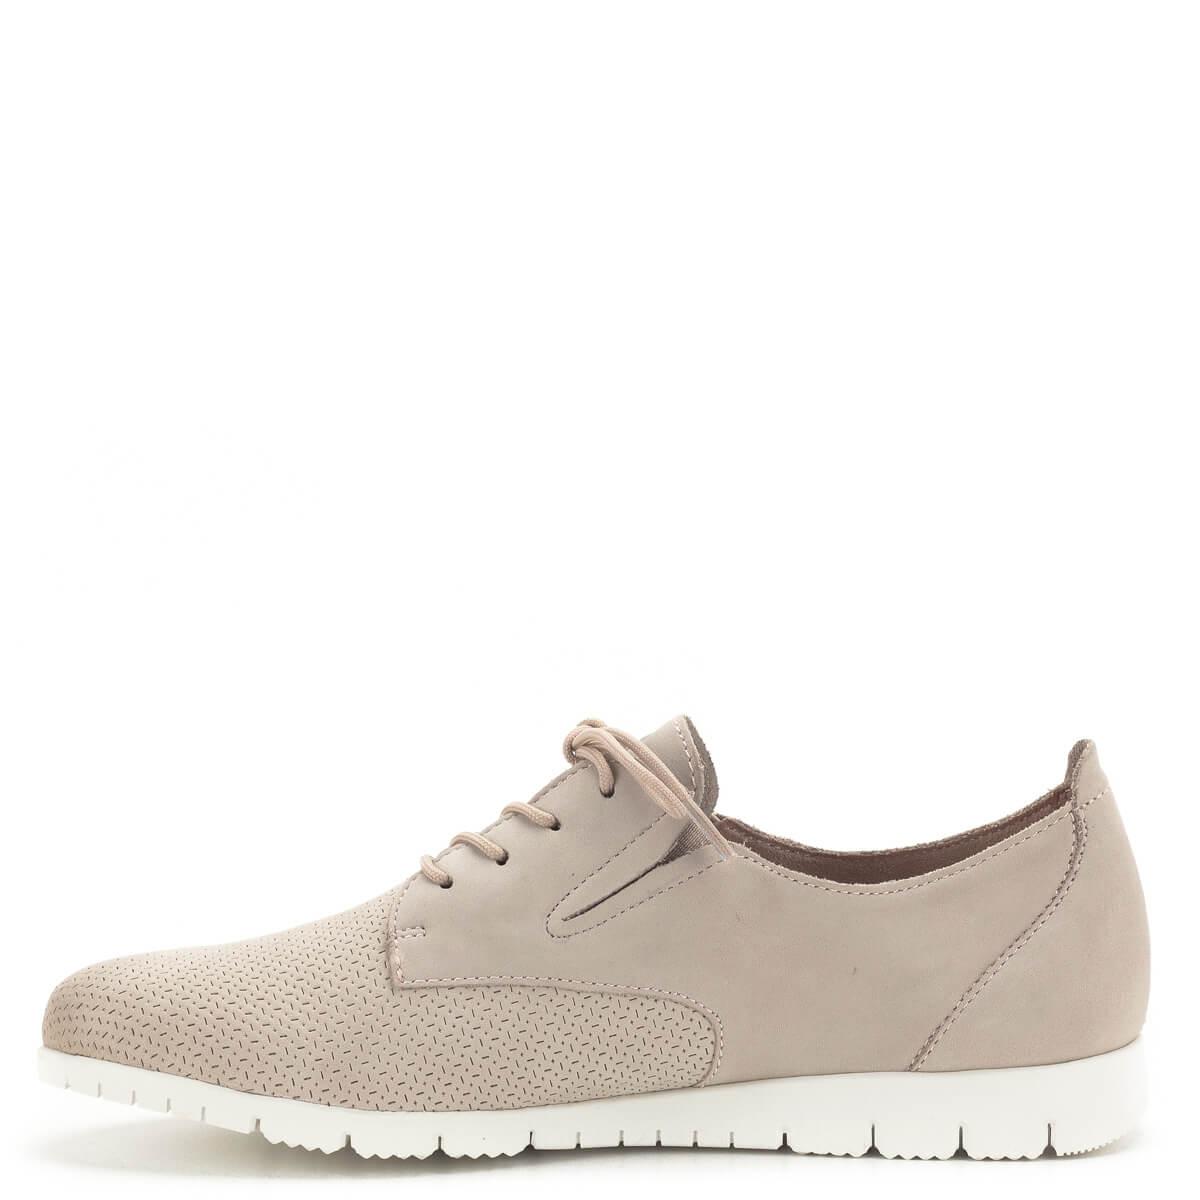 e12e147b9deb ... Tamaris cipő púder rózsaszín színben, kivehető talpbéléssel. A cipő  nagyon puha nubuk bőrből készült